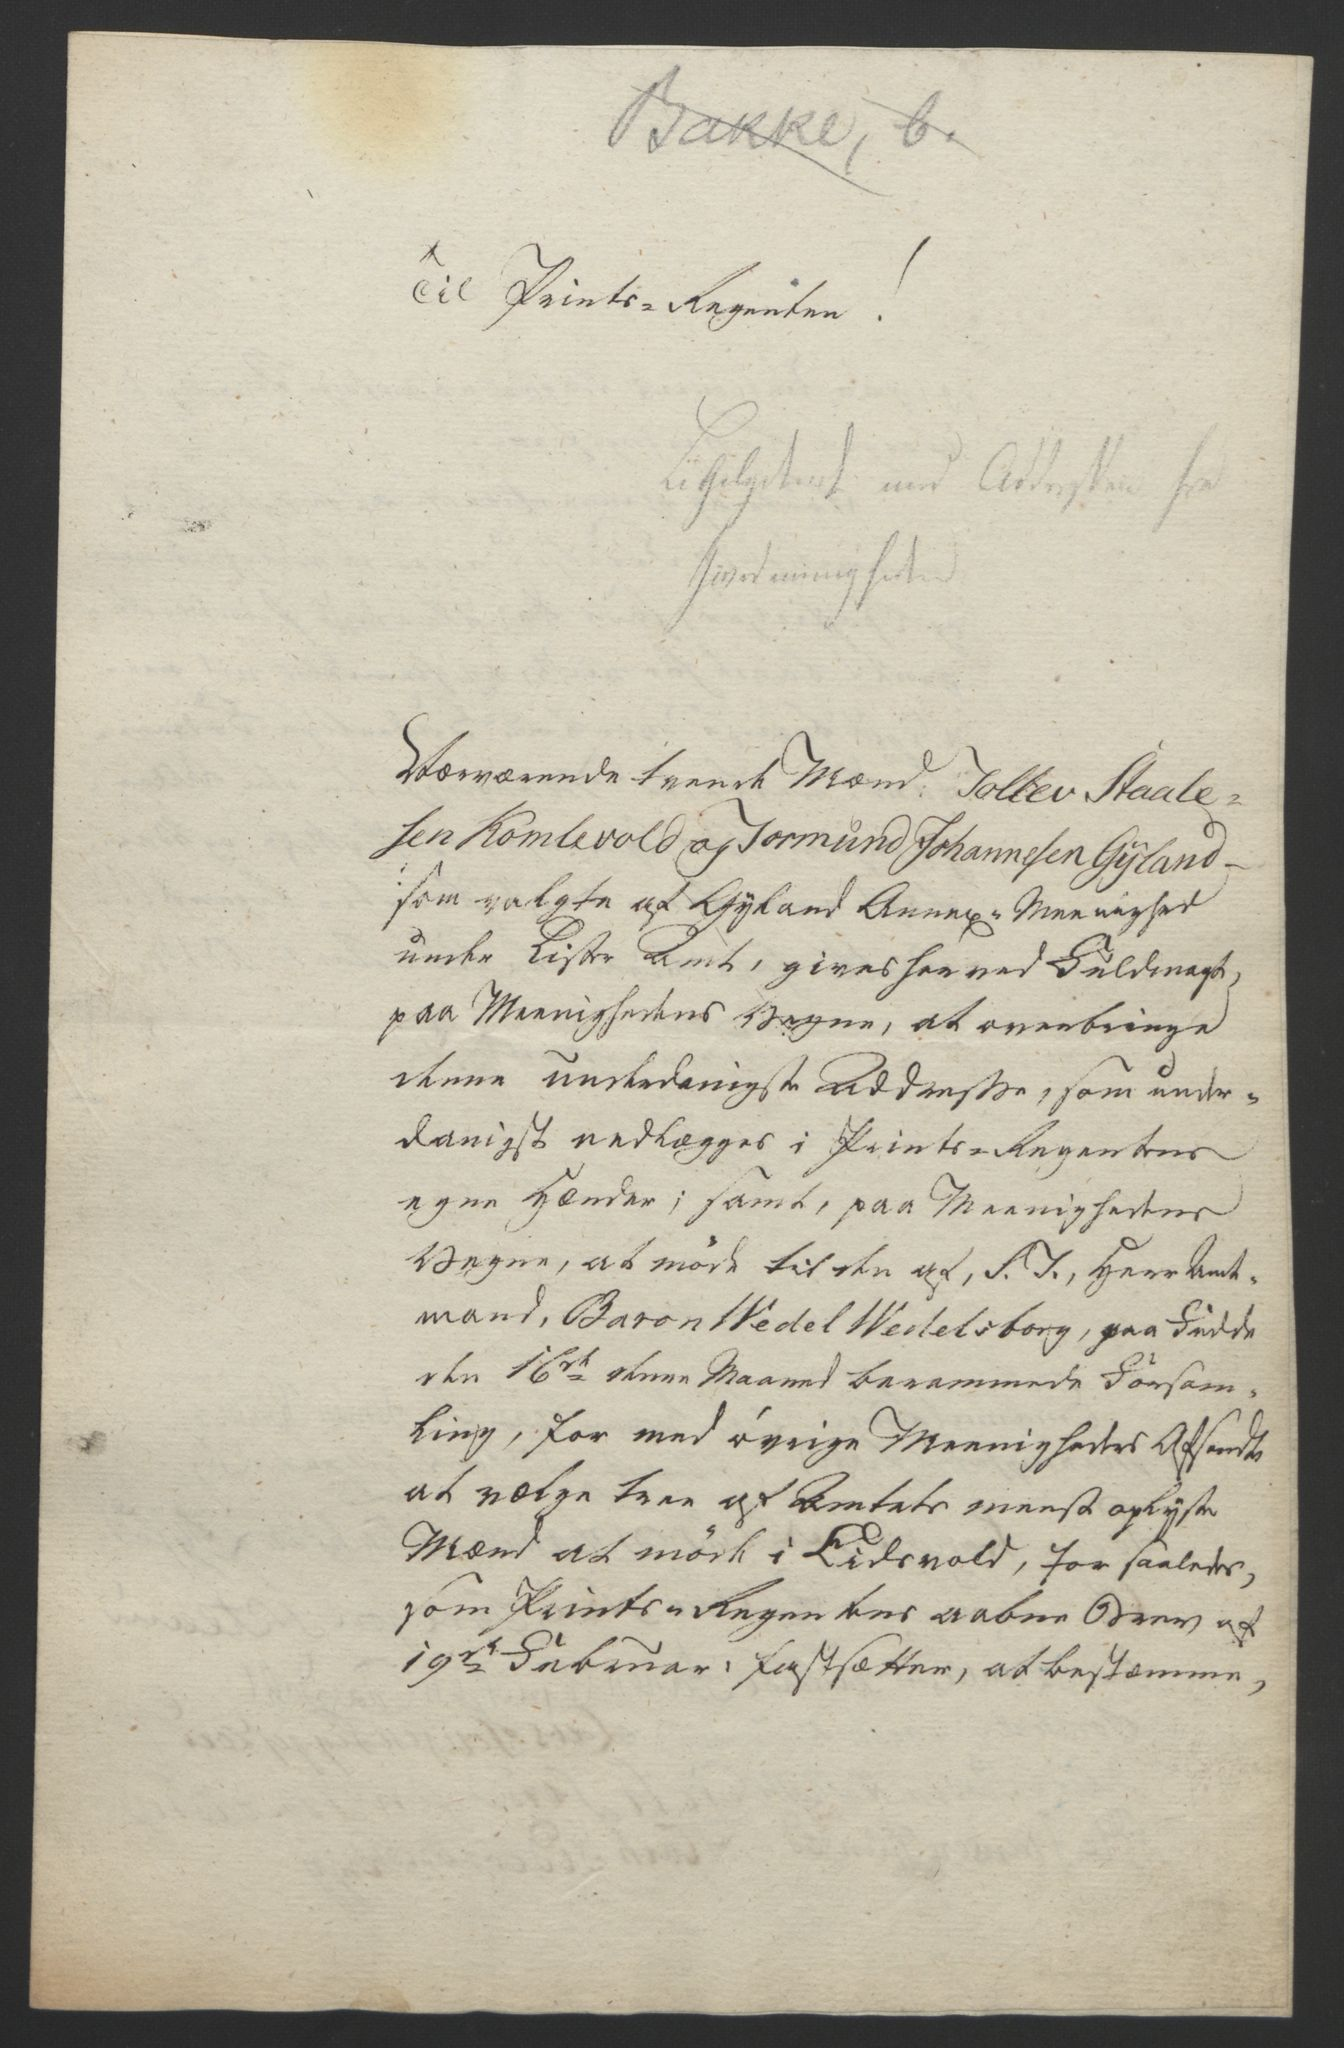 RA, Statsrådssekretariatet, D/Db/L0008: Fullmakter for Eidsvollsrepresentantene i 1814. , 1814, s. 154